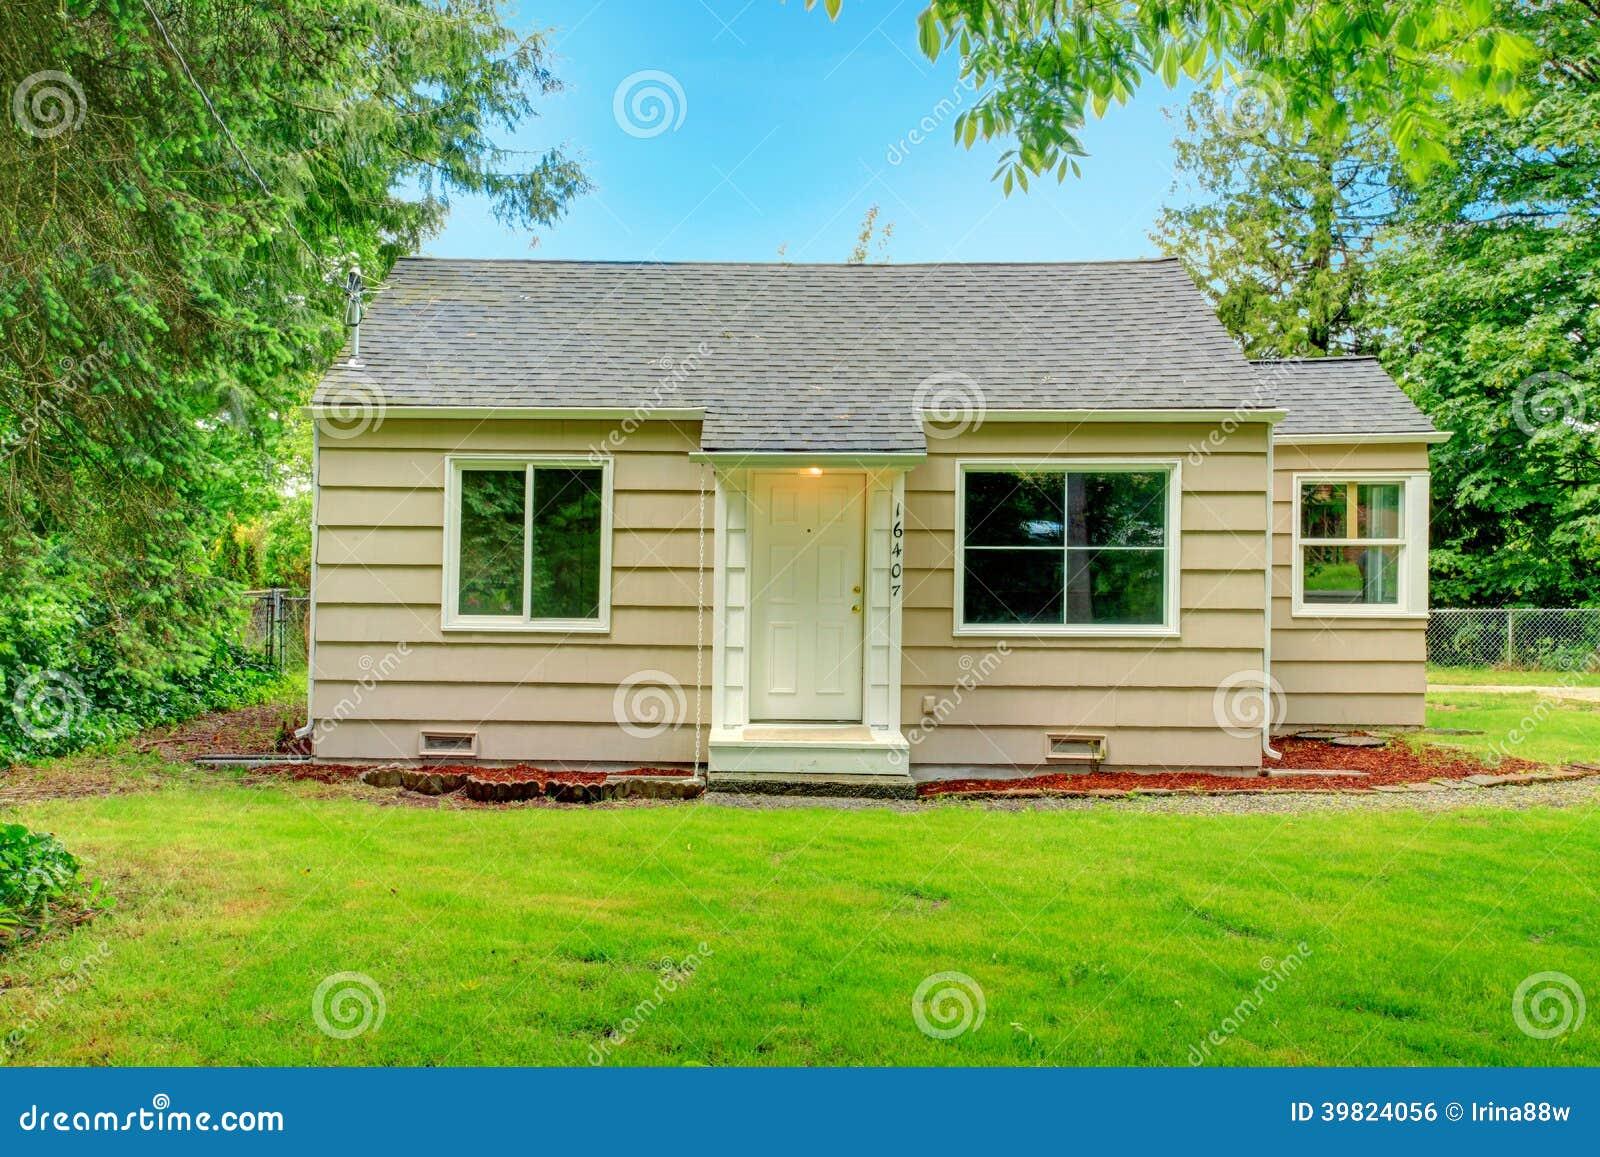 Klein oud huis stock foto afbeelding bestaande uit summer 39824056 - Lay outs oud huis ...